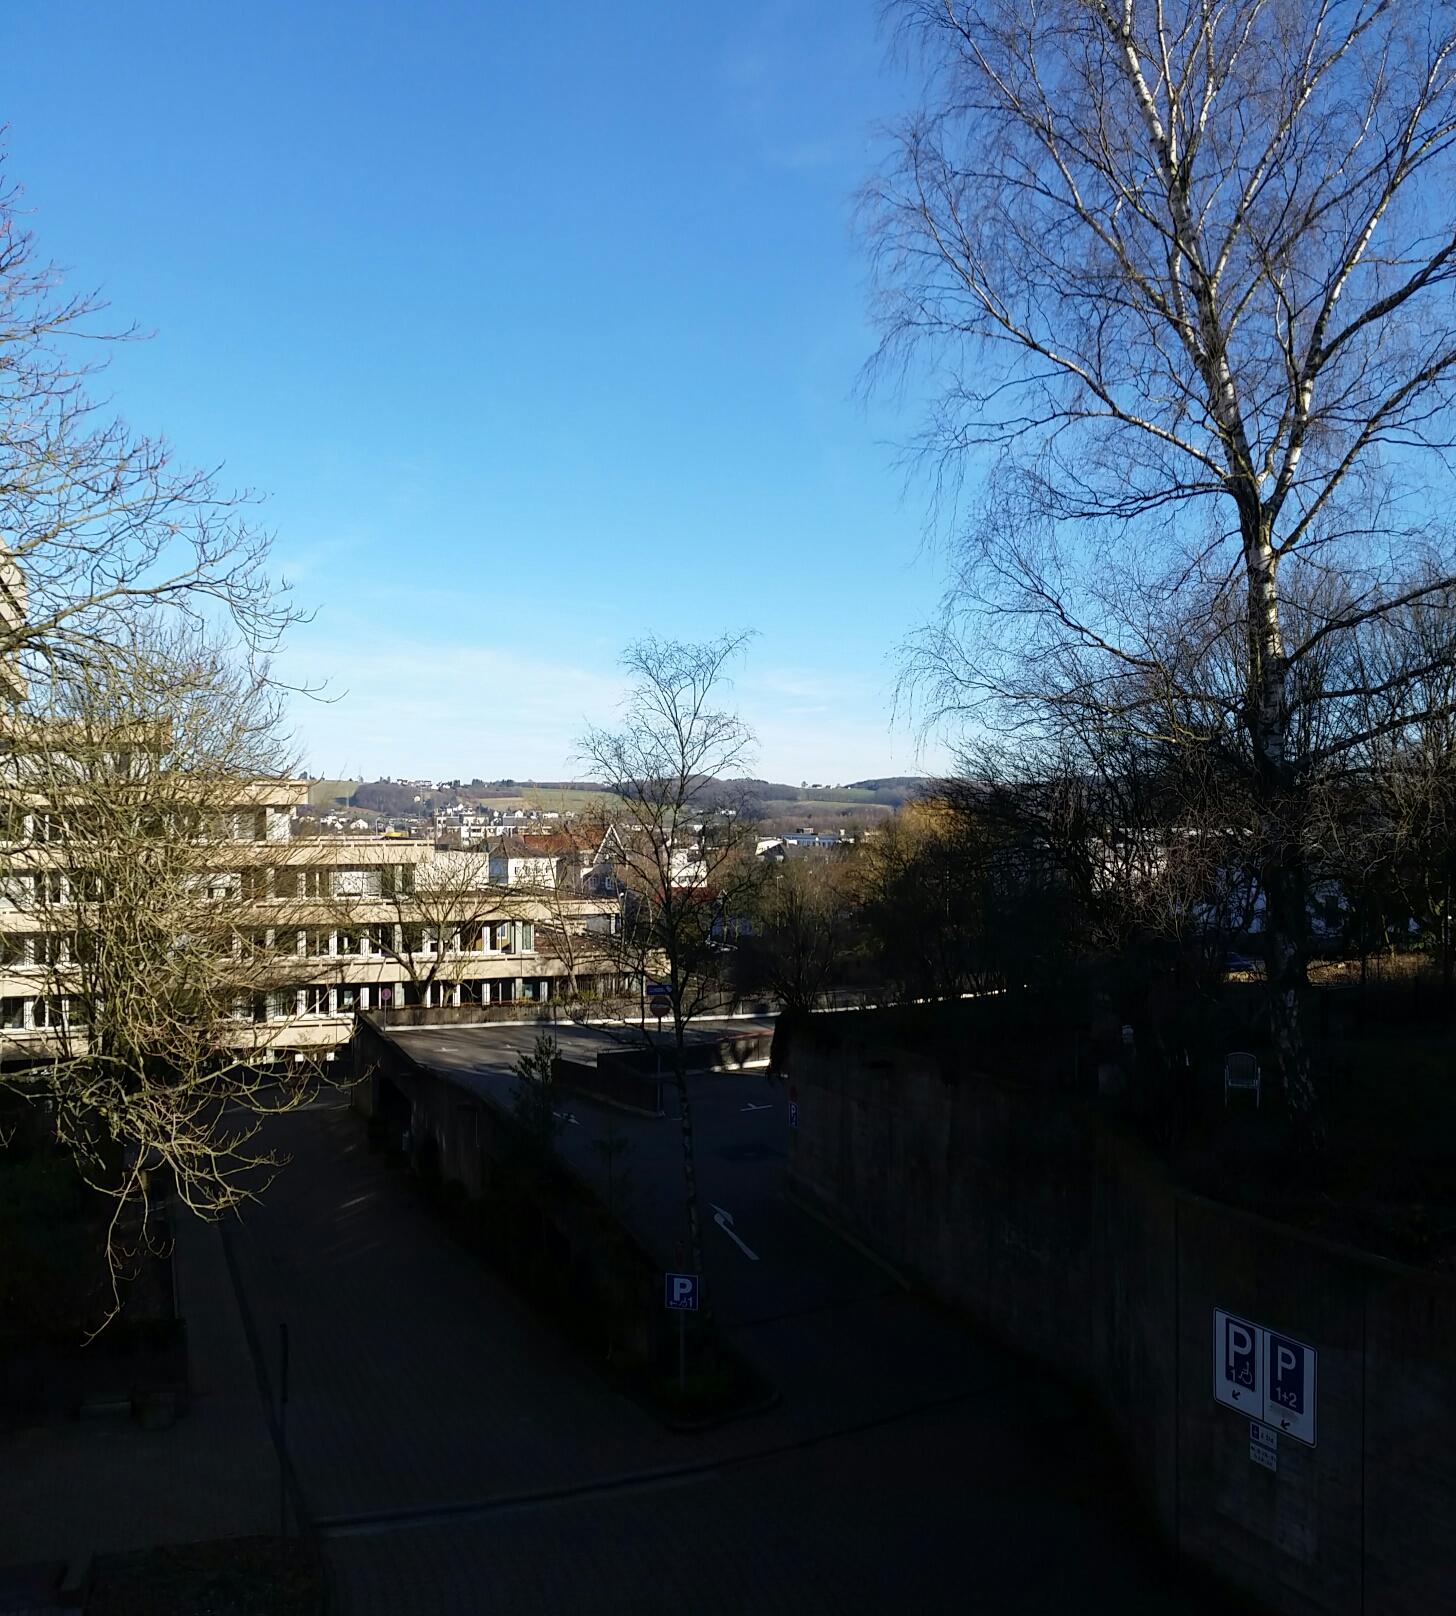 Sonnenschein, blauer Himmel und aus dem Schatten heraus einige Gebäude fotografiert.